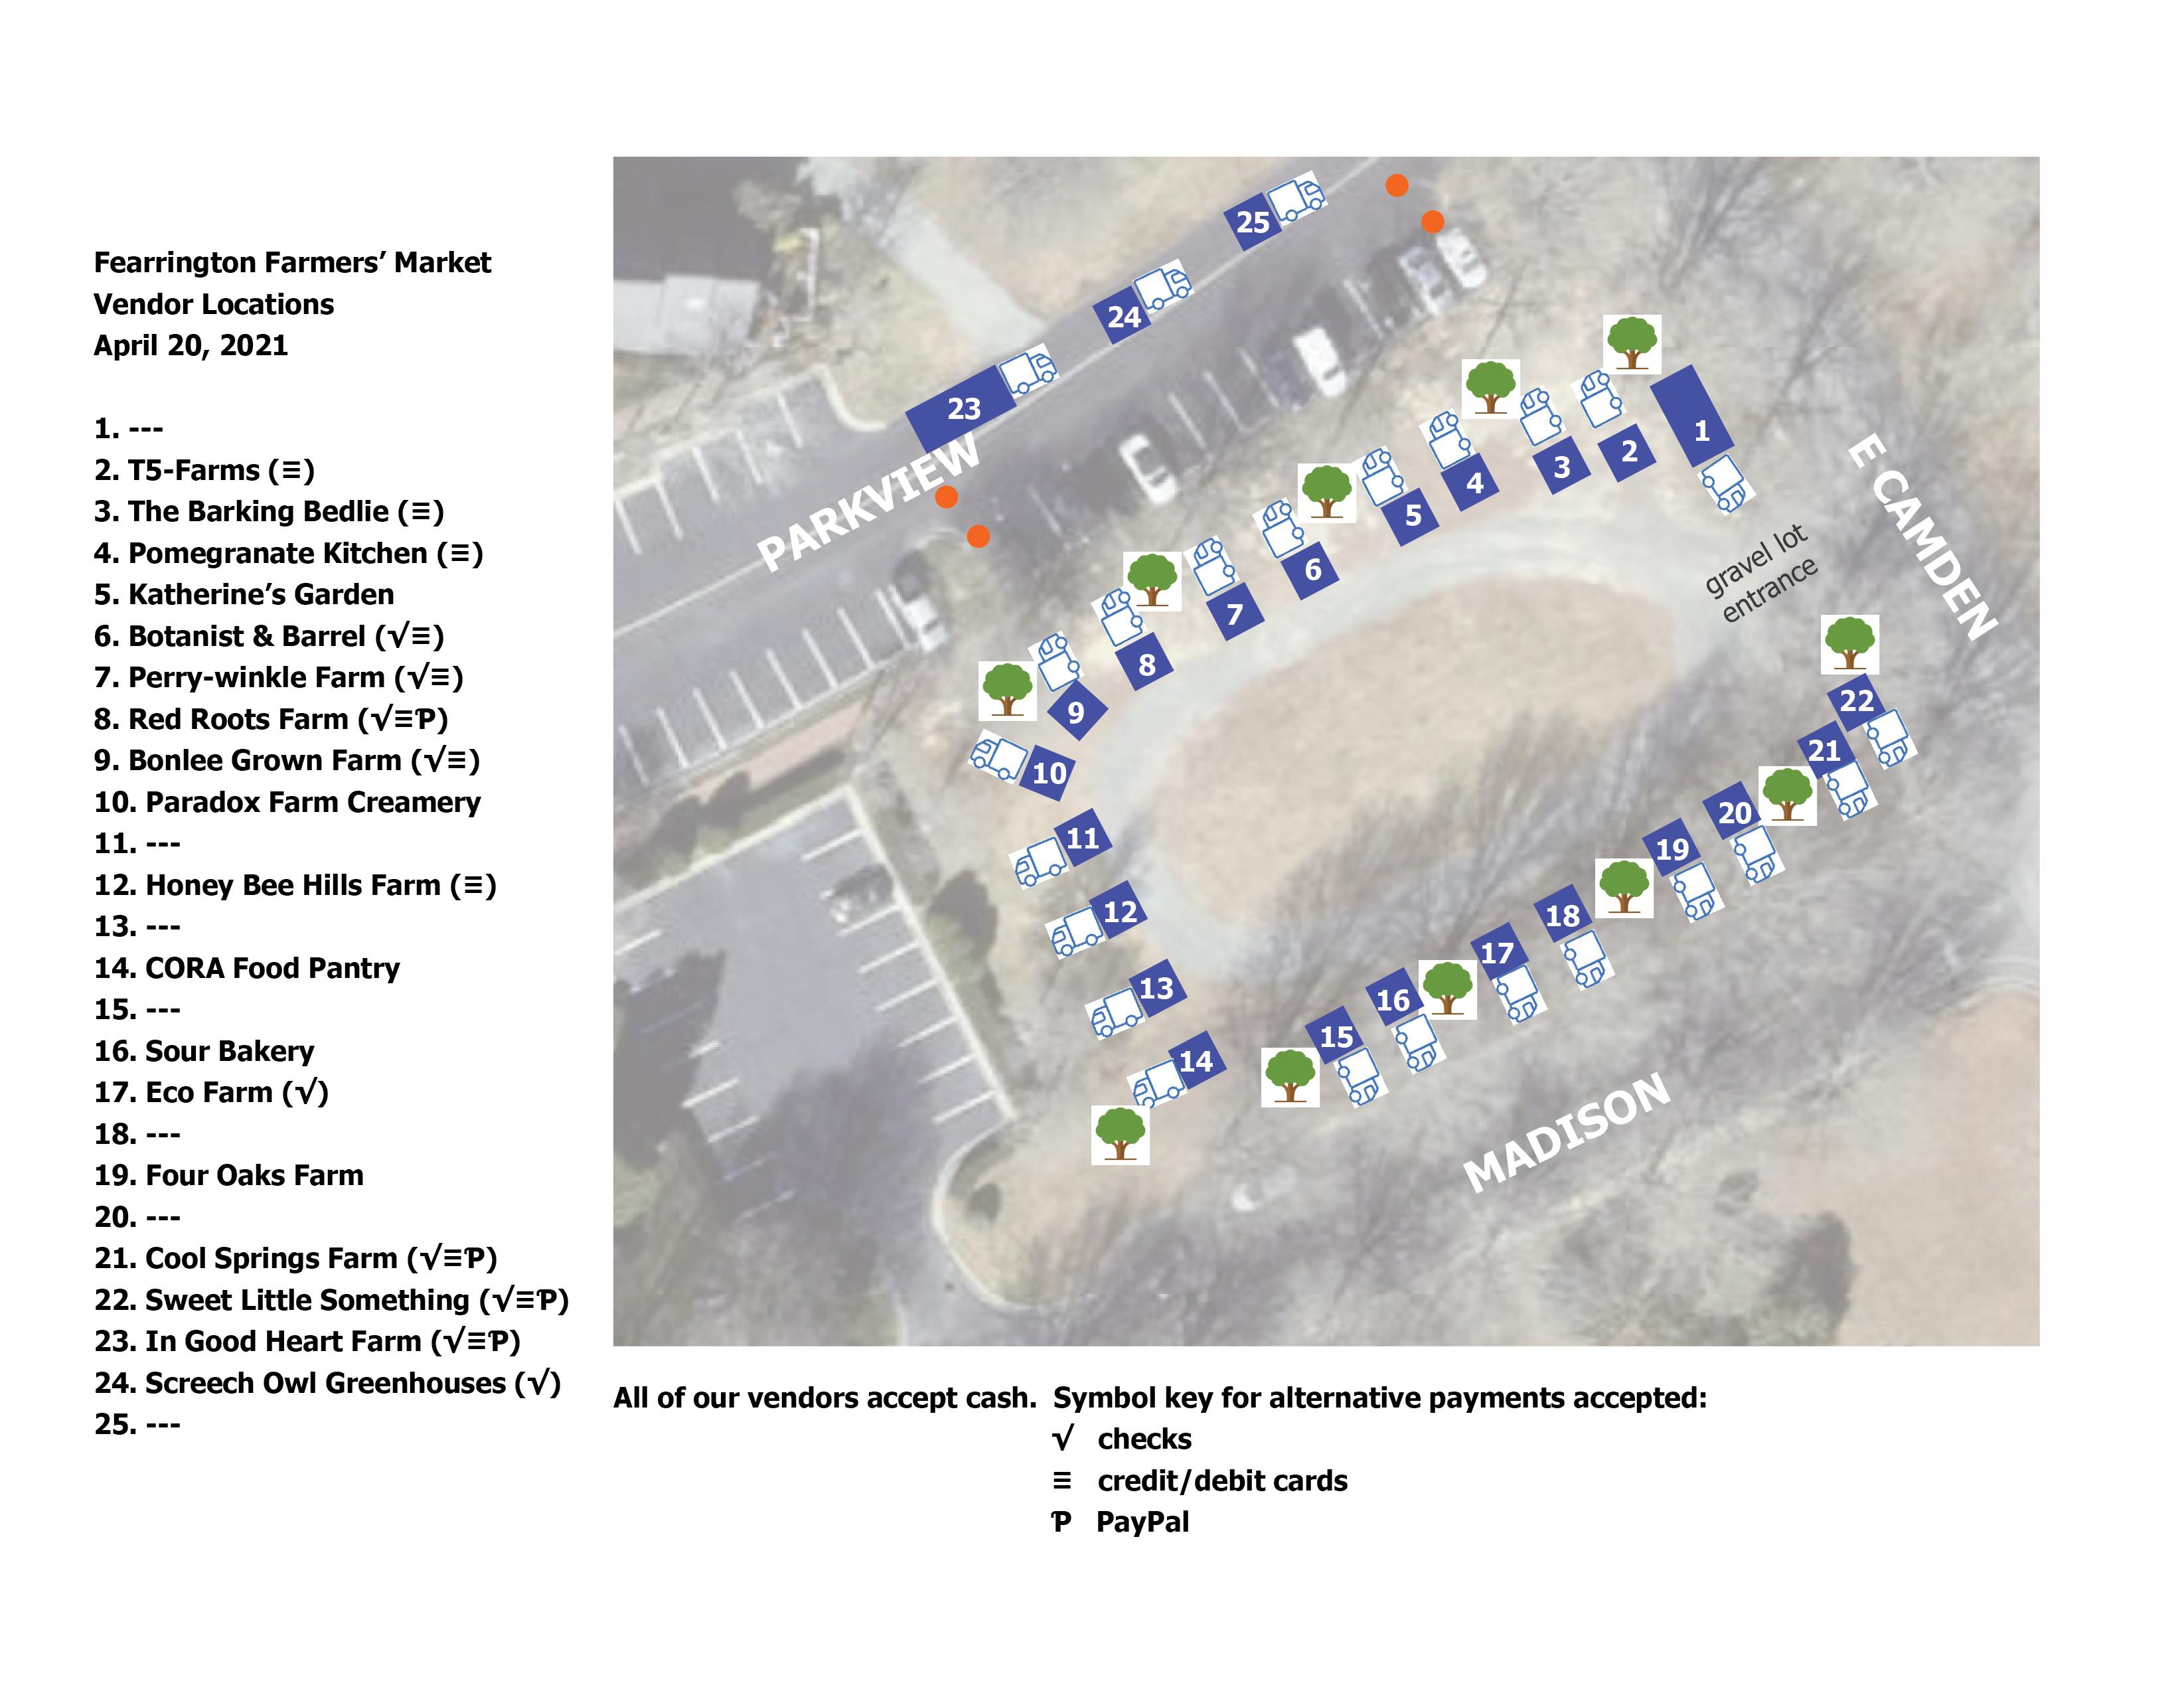 ffm vendor map 042021